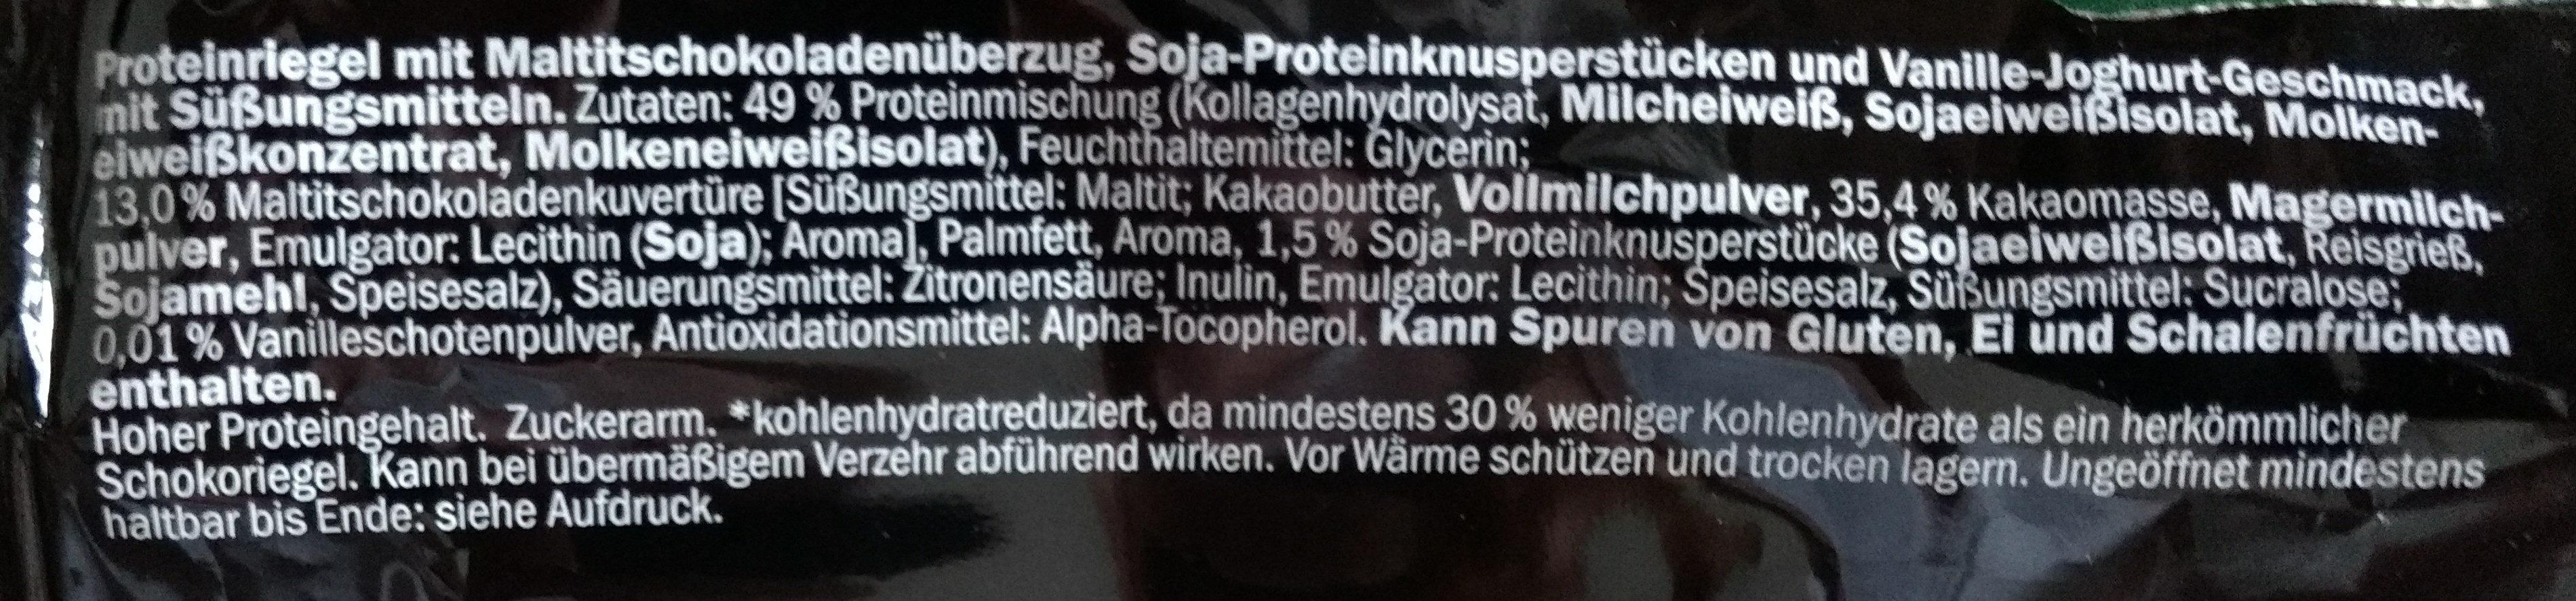 Protein bar - Ingredients